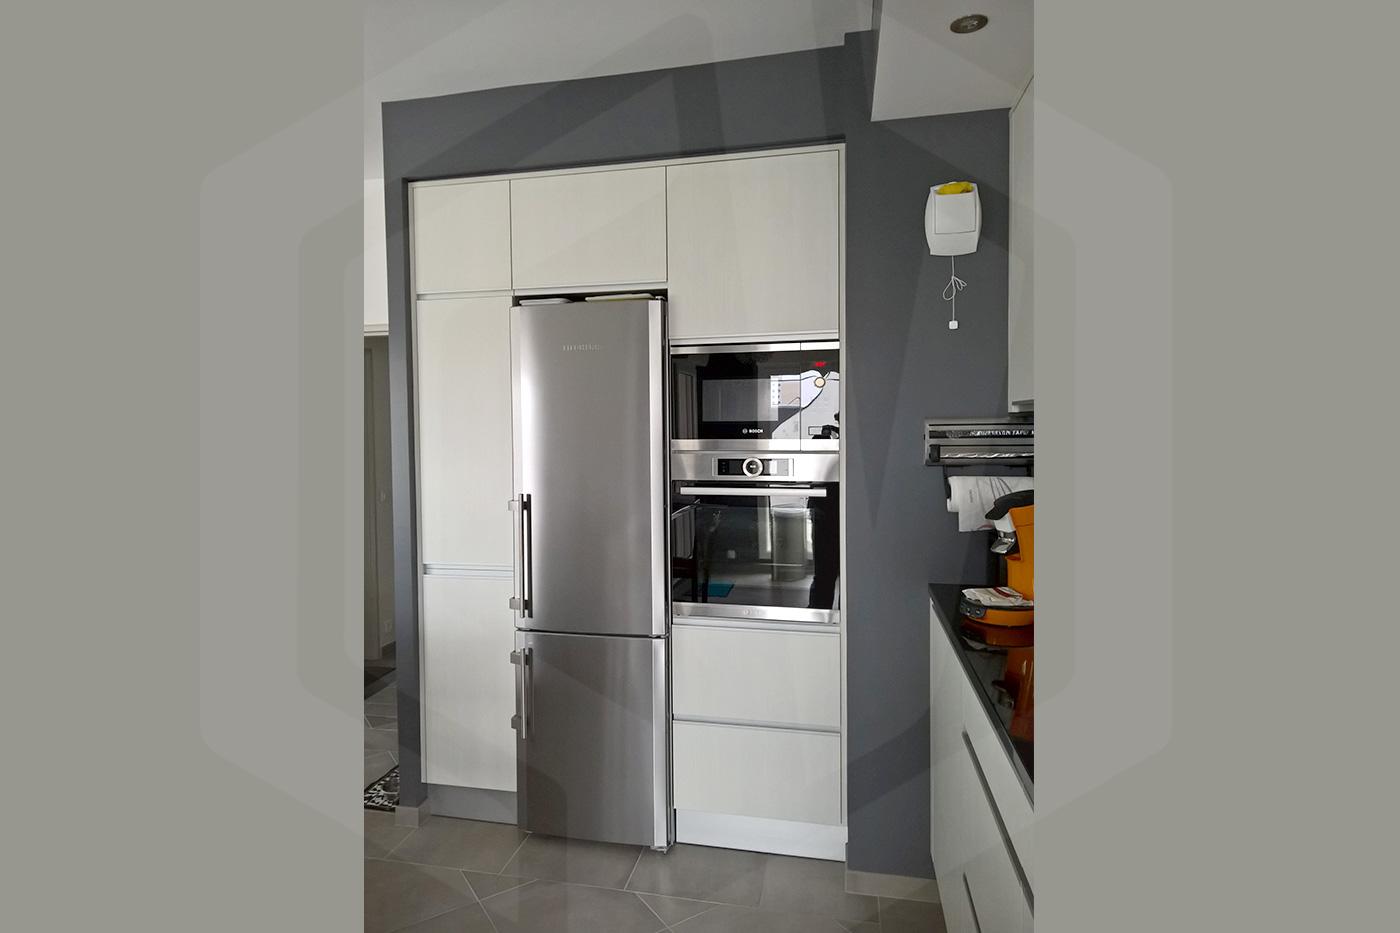 Cozinha_cinza_1